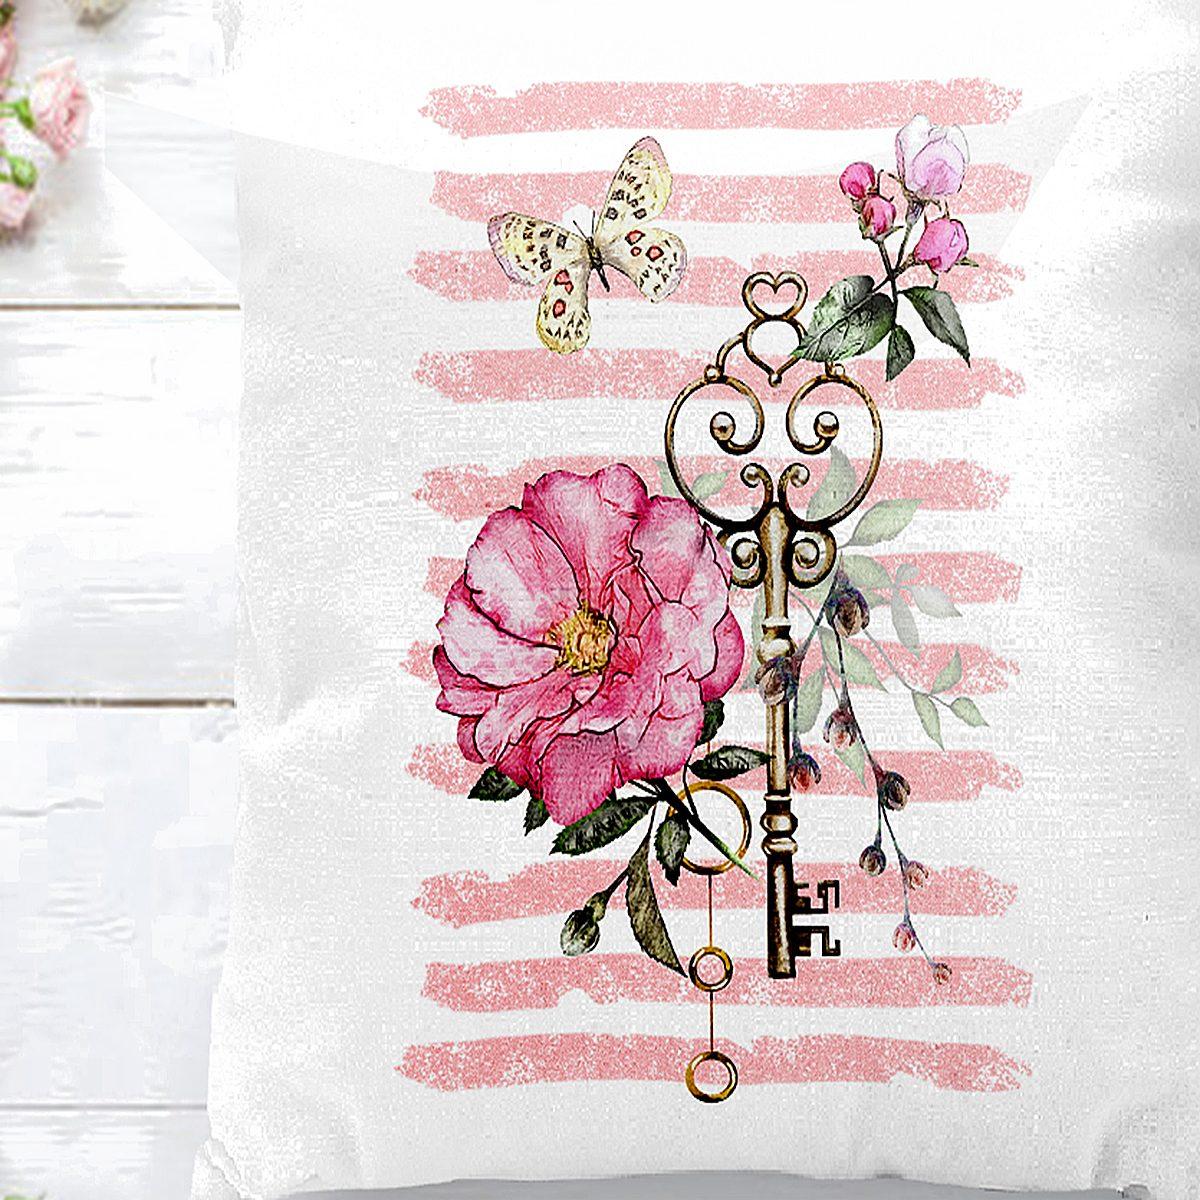 Anahtar Motifli Çiçek Desenli Çizgili Yastık Kırlent Kılıfı Realhomes